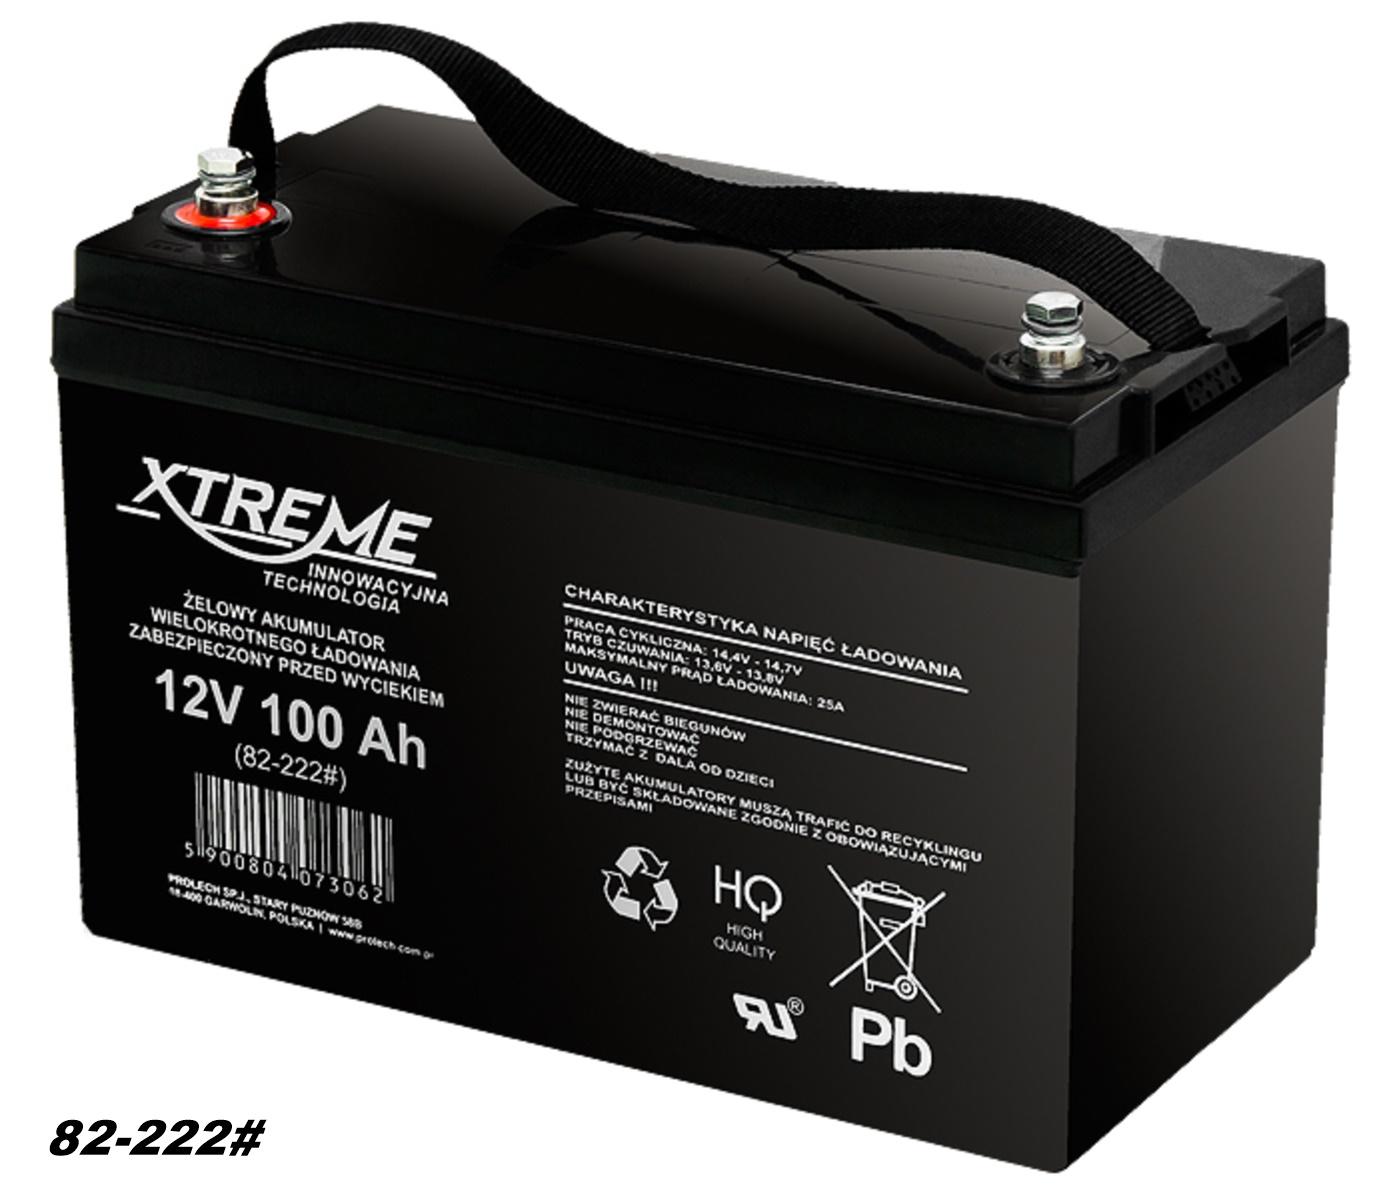 AGM-Batterie 12V 100Ah  von XTREME – Markenware